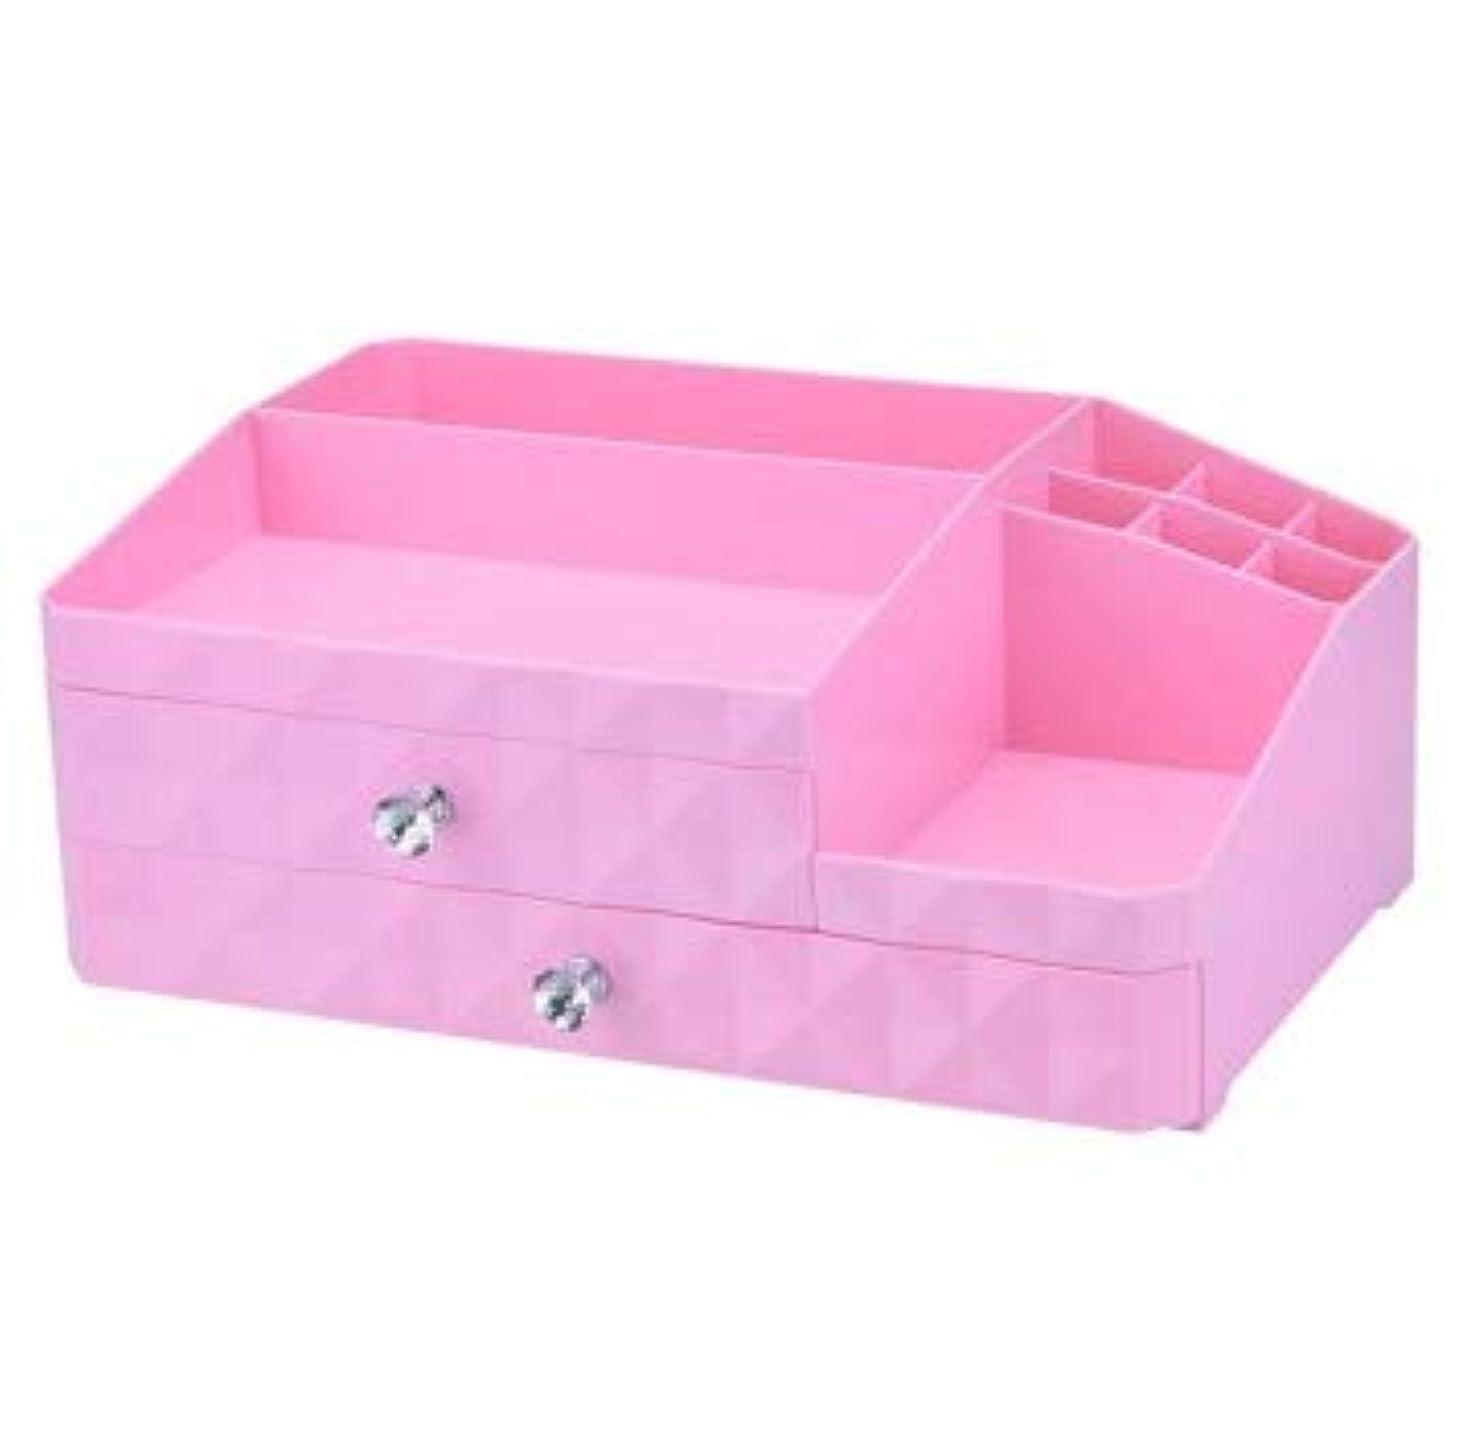 ご注意今テレビデスクトップジュエリーボックス引き出し化粧品収納ボックス三層プラスチック仕上げボックス (Color : ピンク)